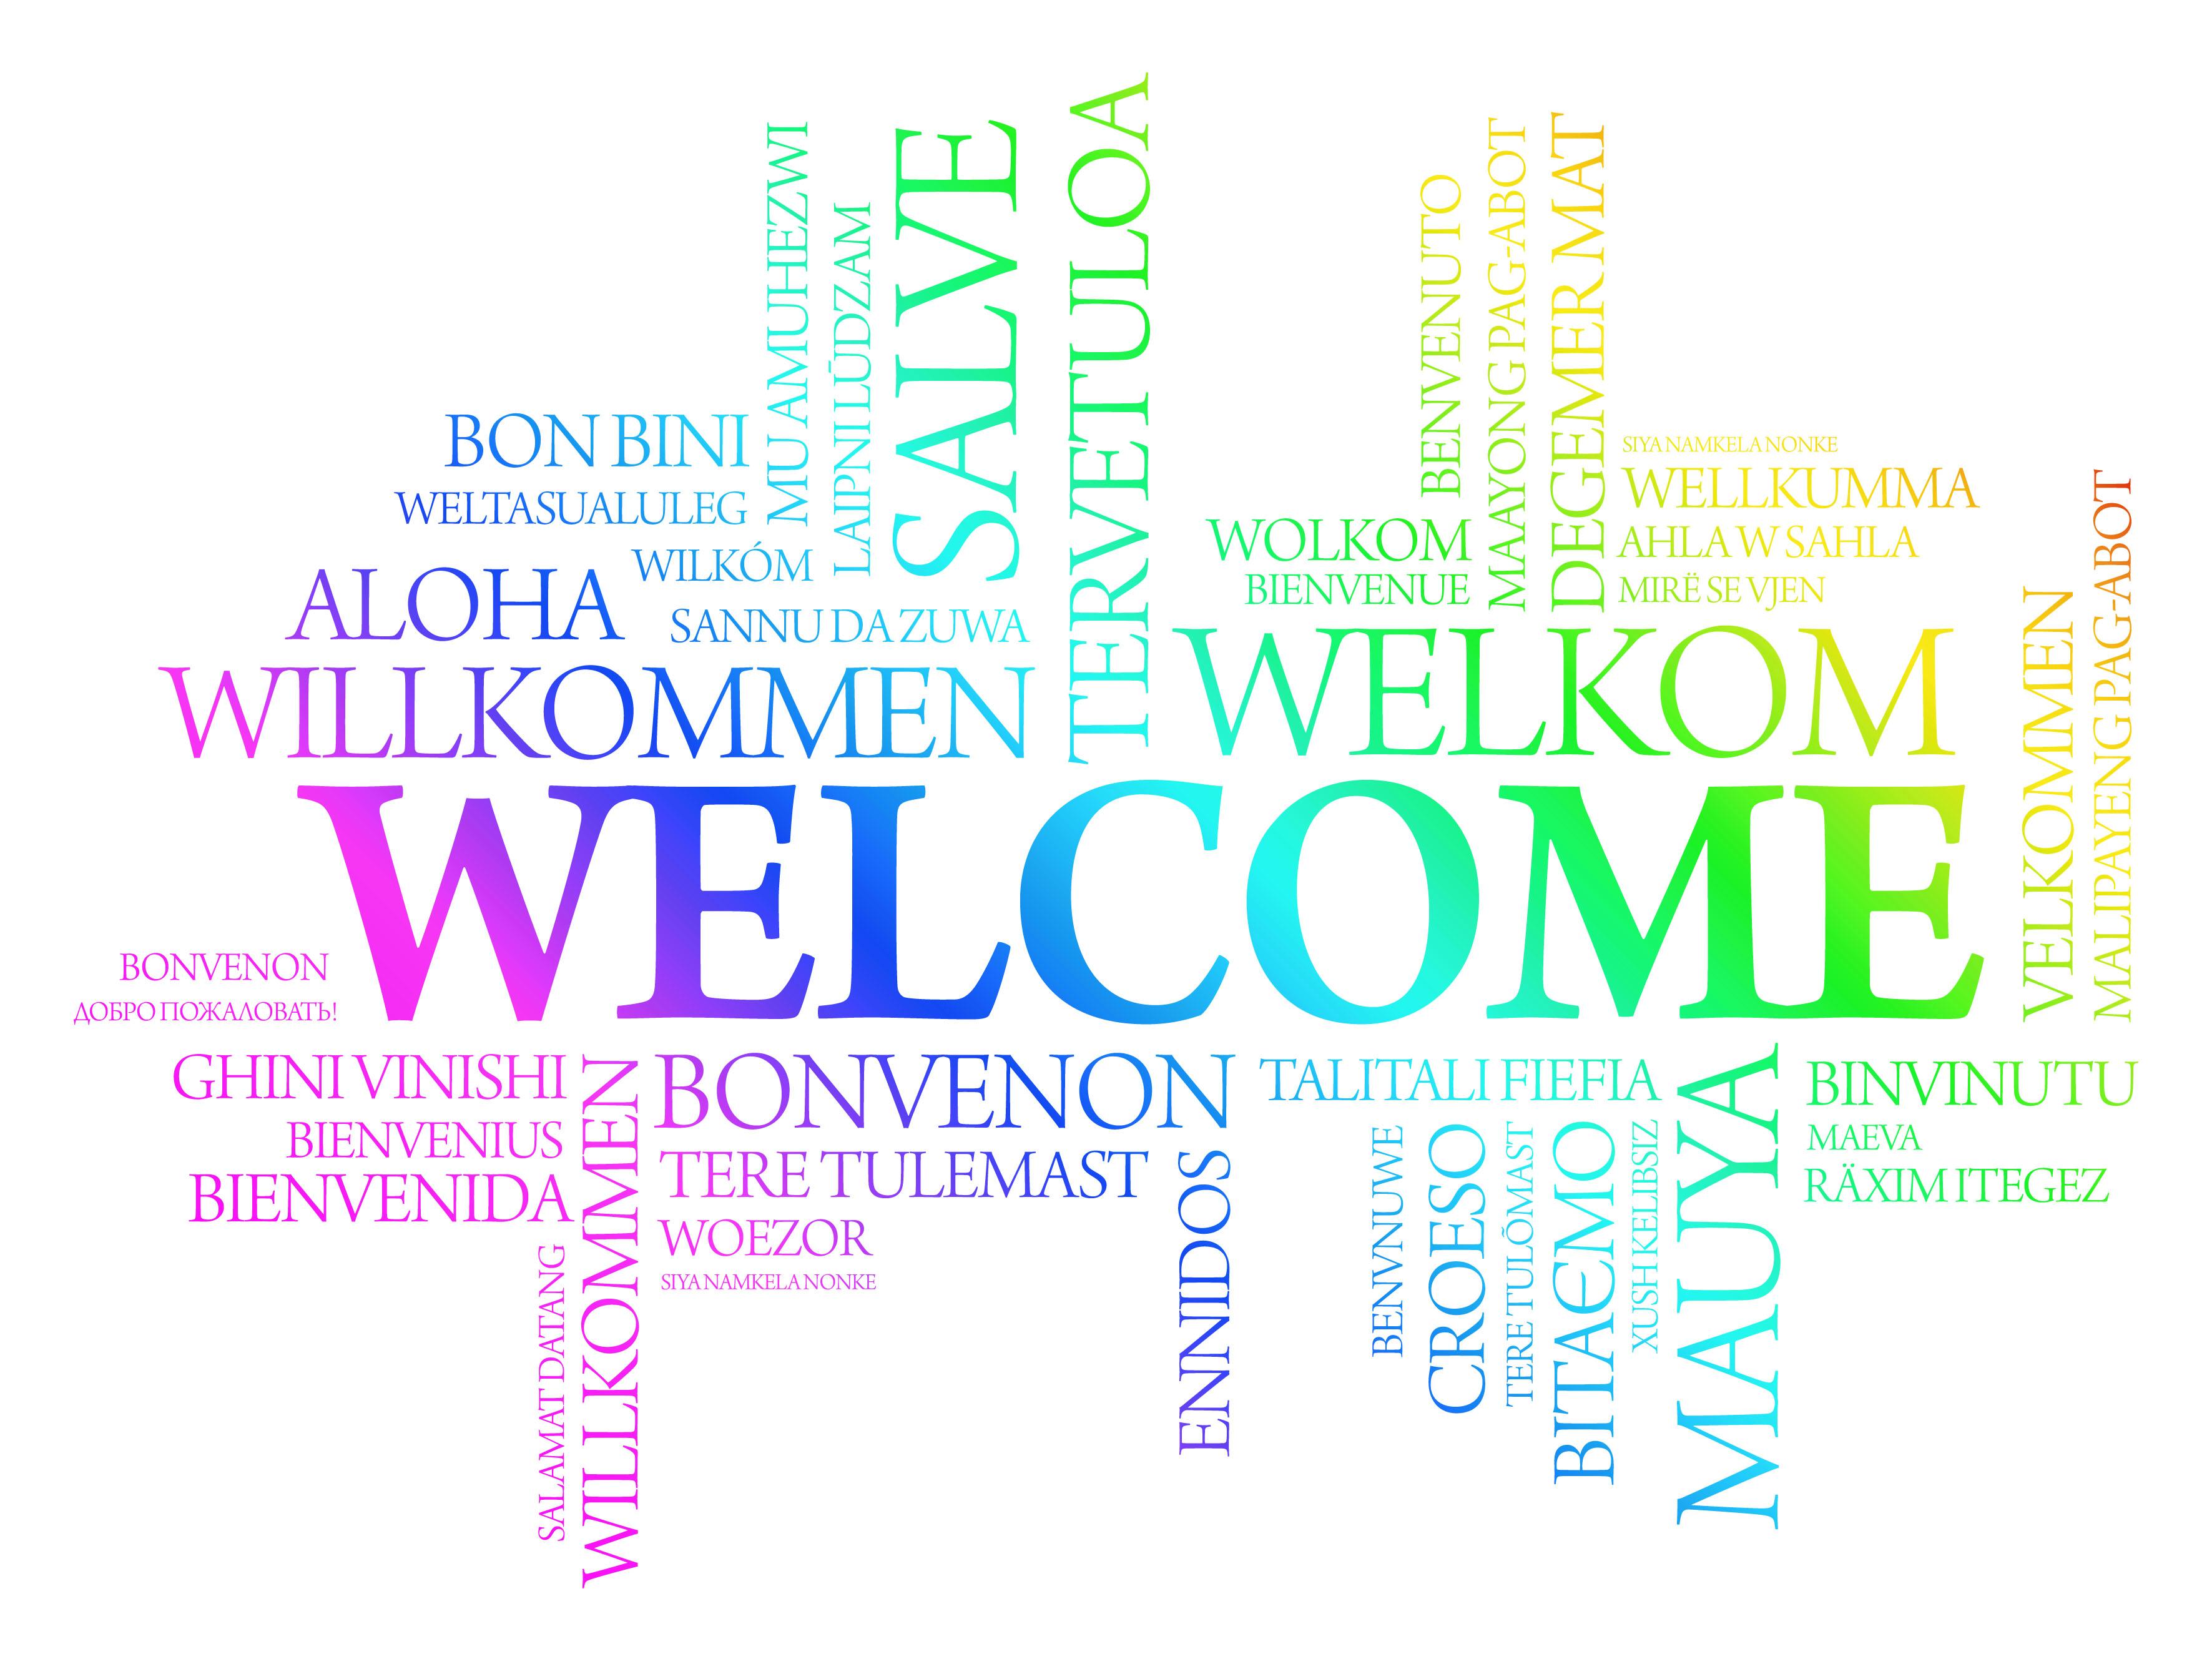 Hình ảnh welcome bằng nhiều ngôn ngữ